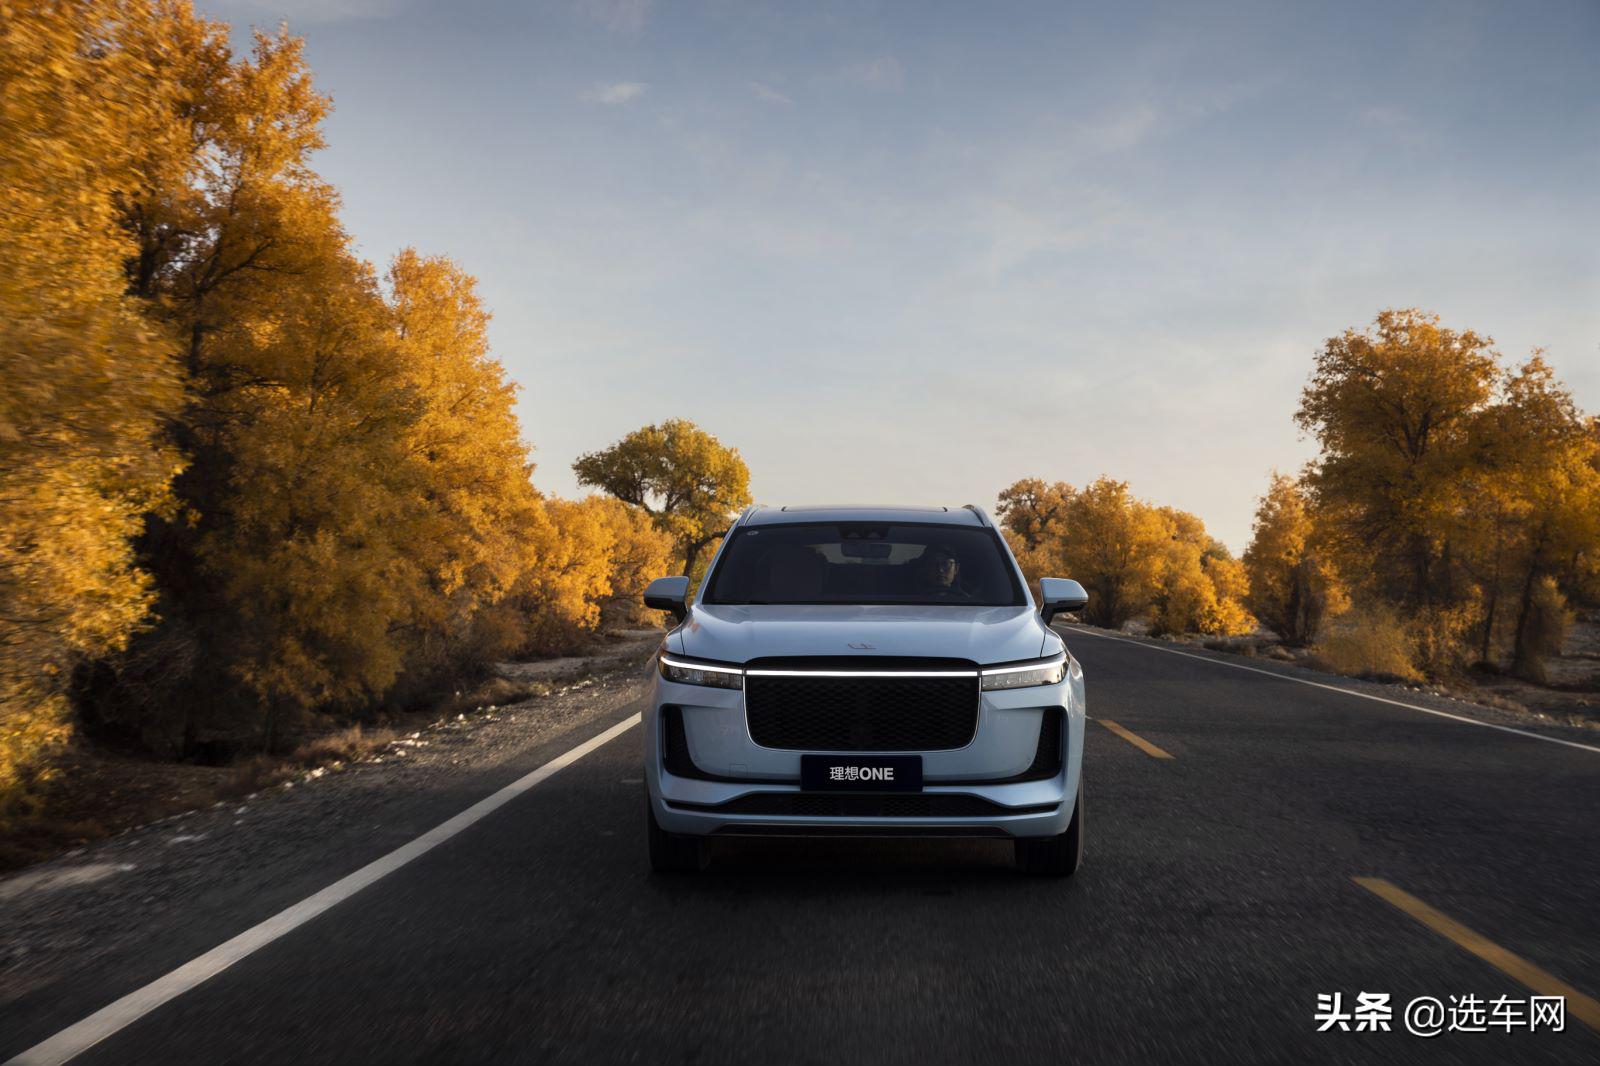 理想汽车回应碰撞事故,硬件升级计划将推出OTA 2.0版